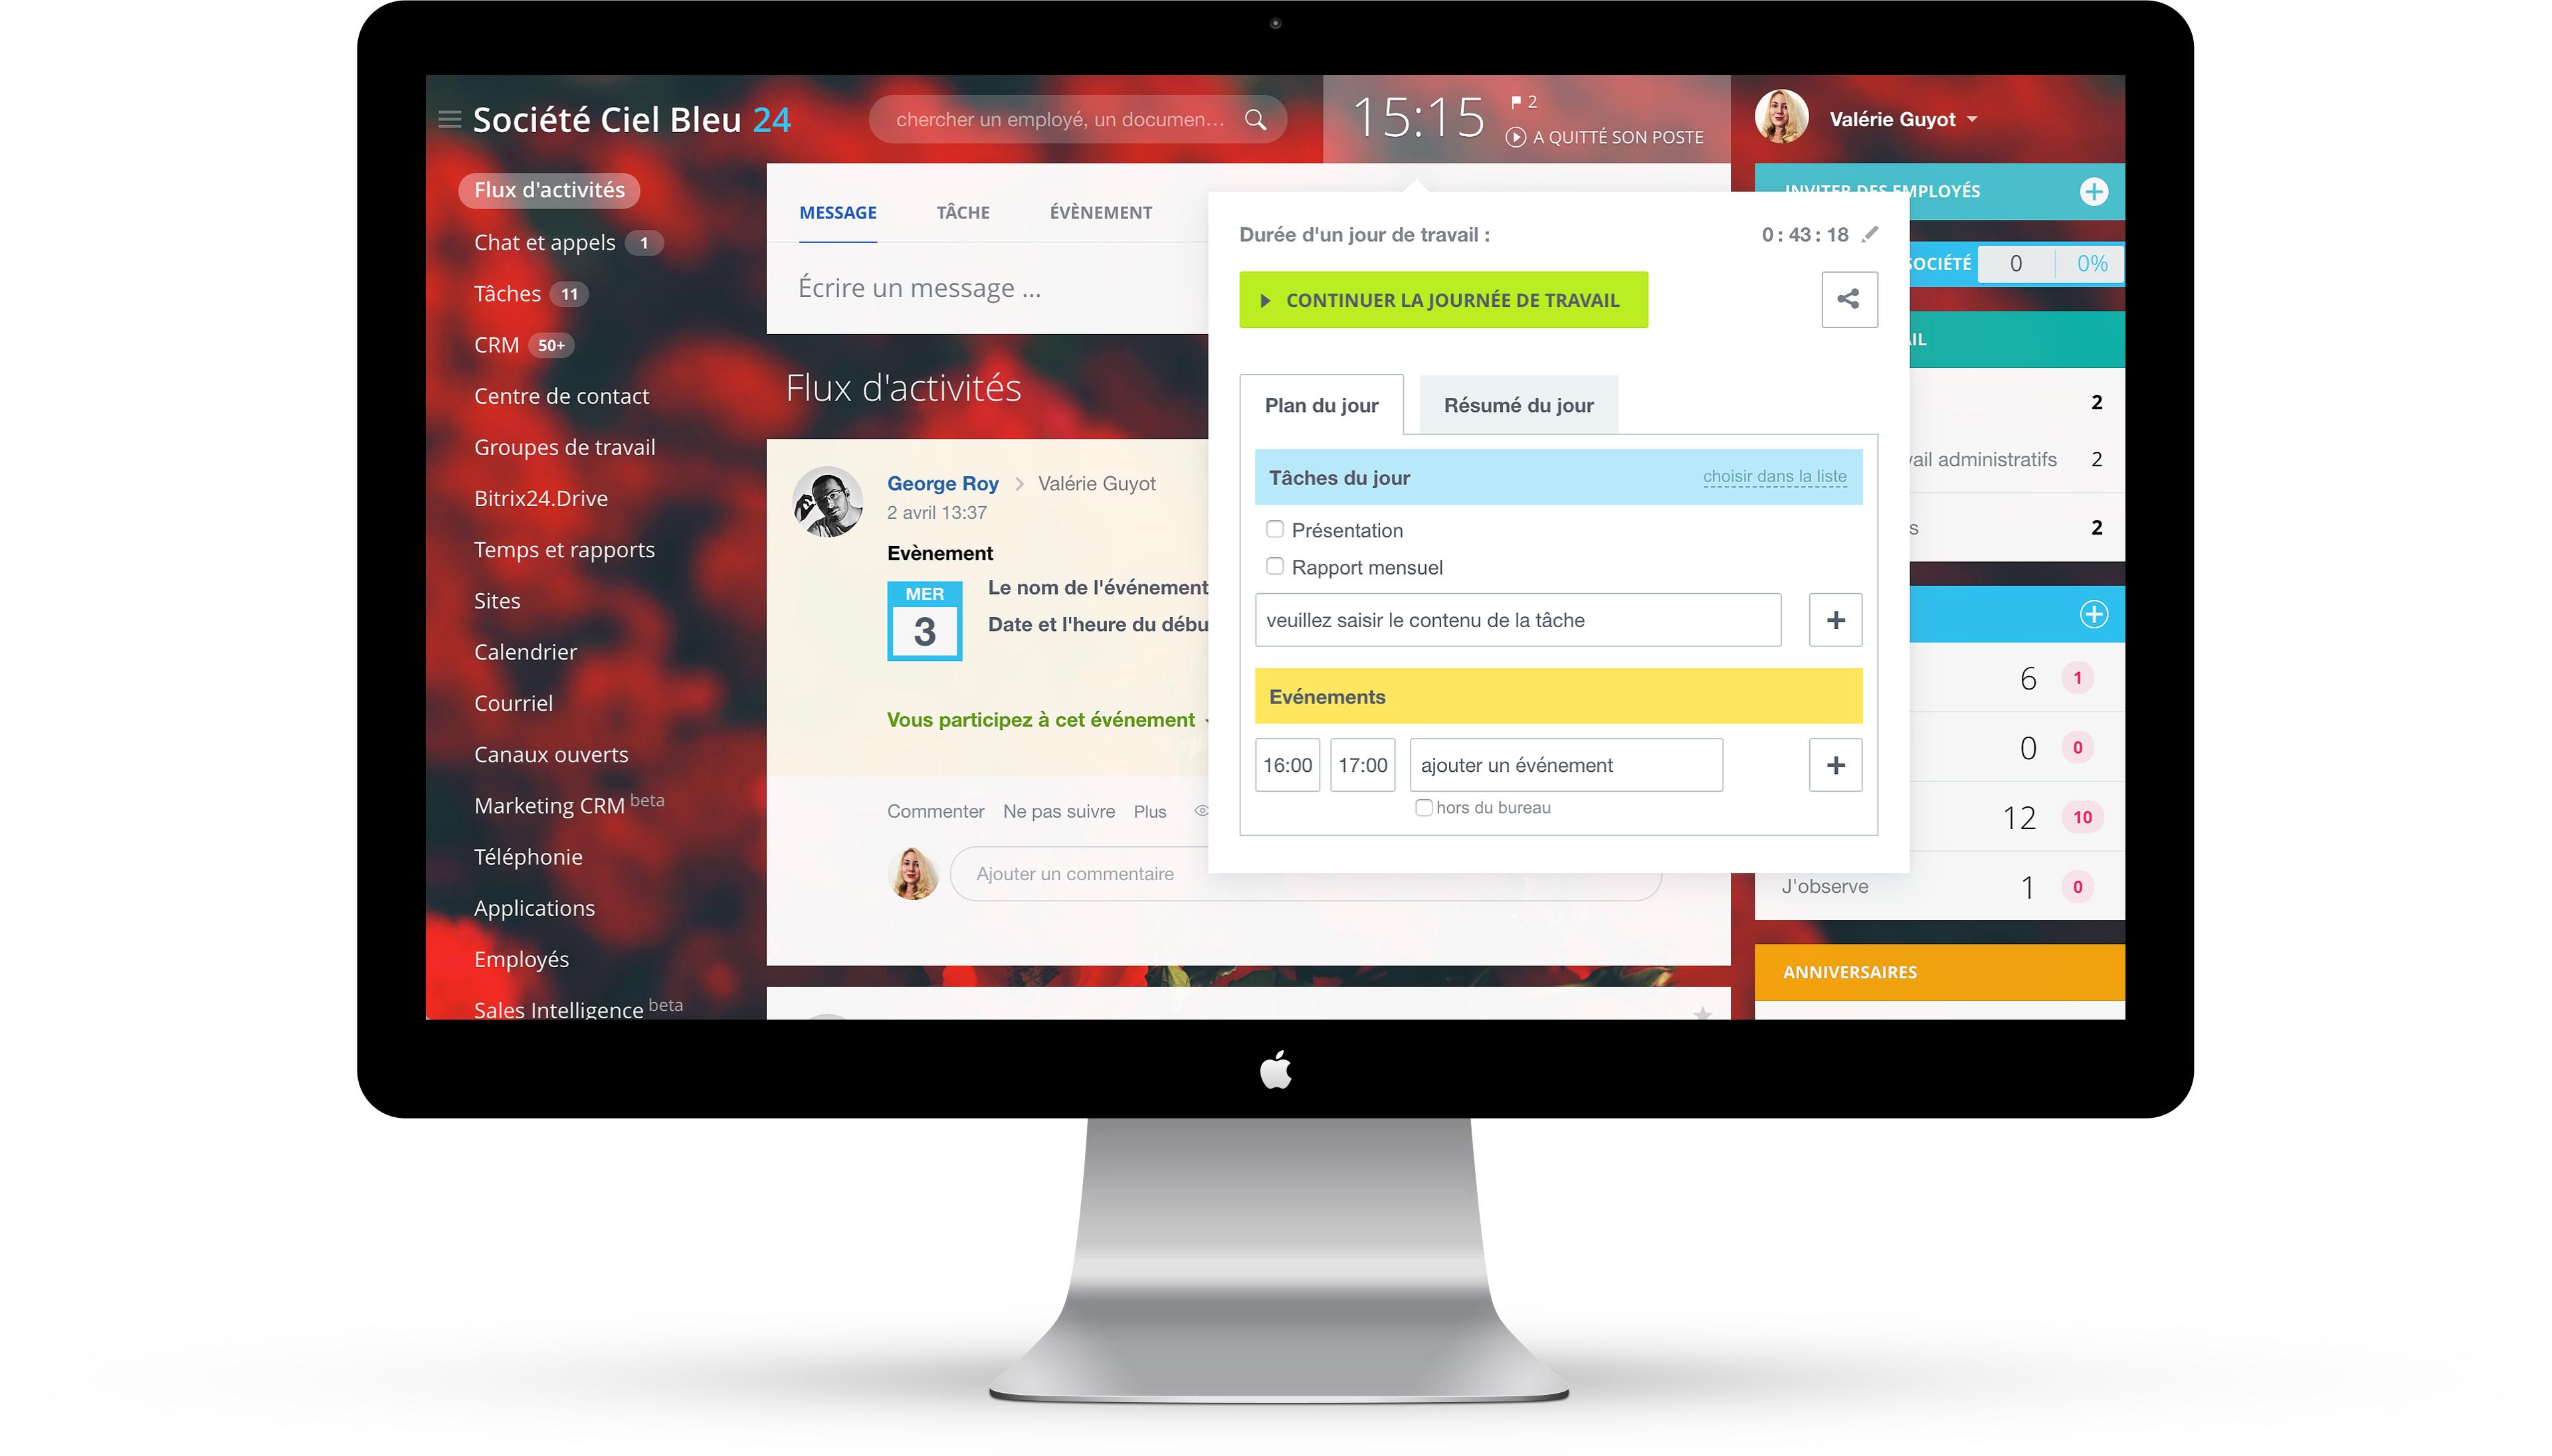 Gestion du temps de travail en ligne